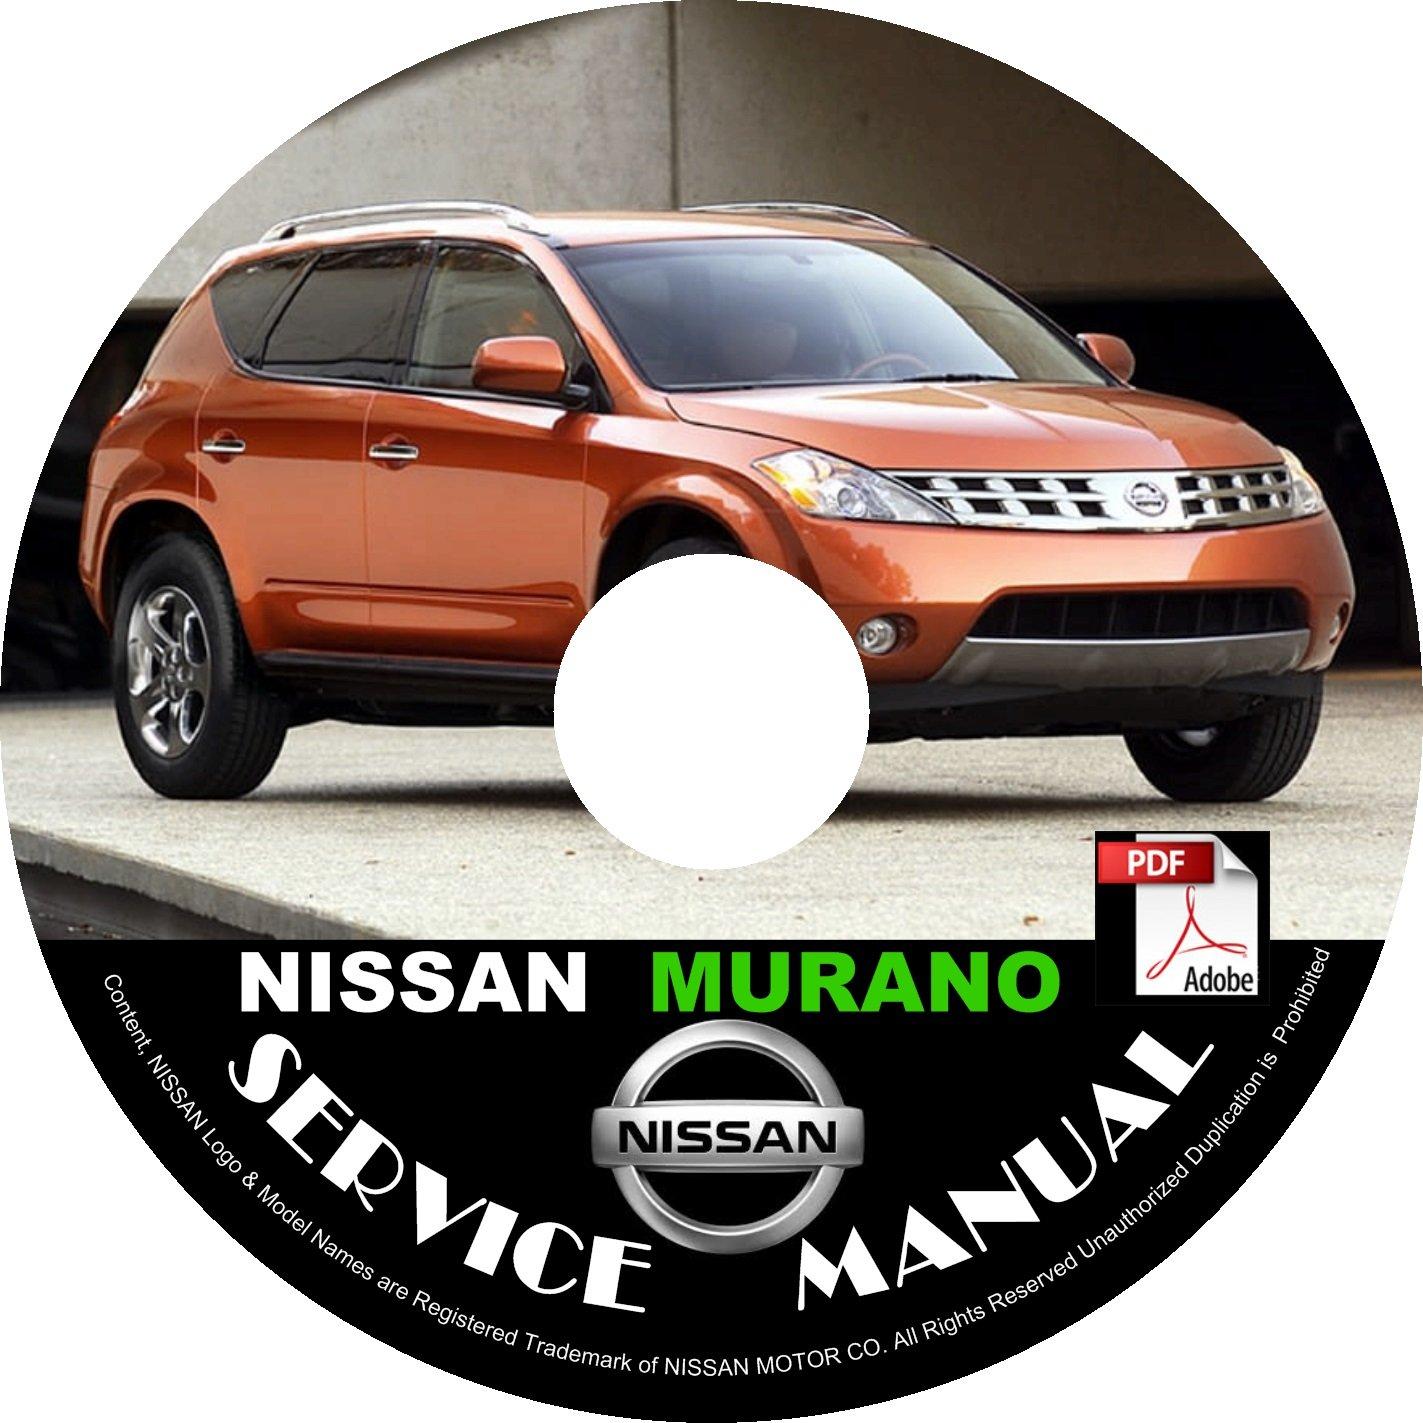 2005 Nissan Murano Service Repair Shop Manual on CD Fix Repair Rebuild '05 Workshop S SL SE LE